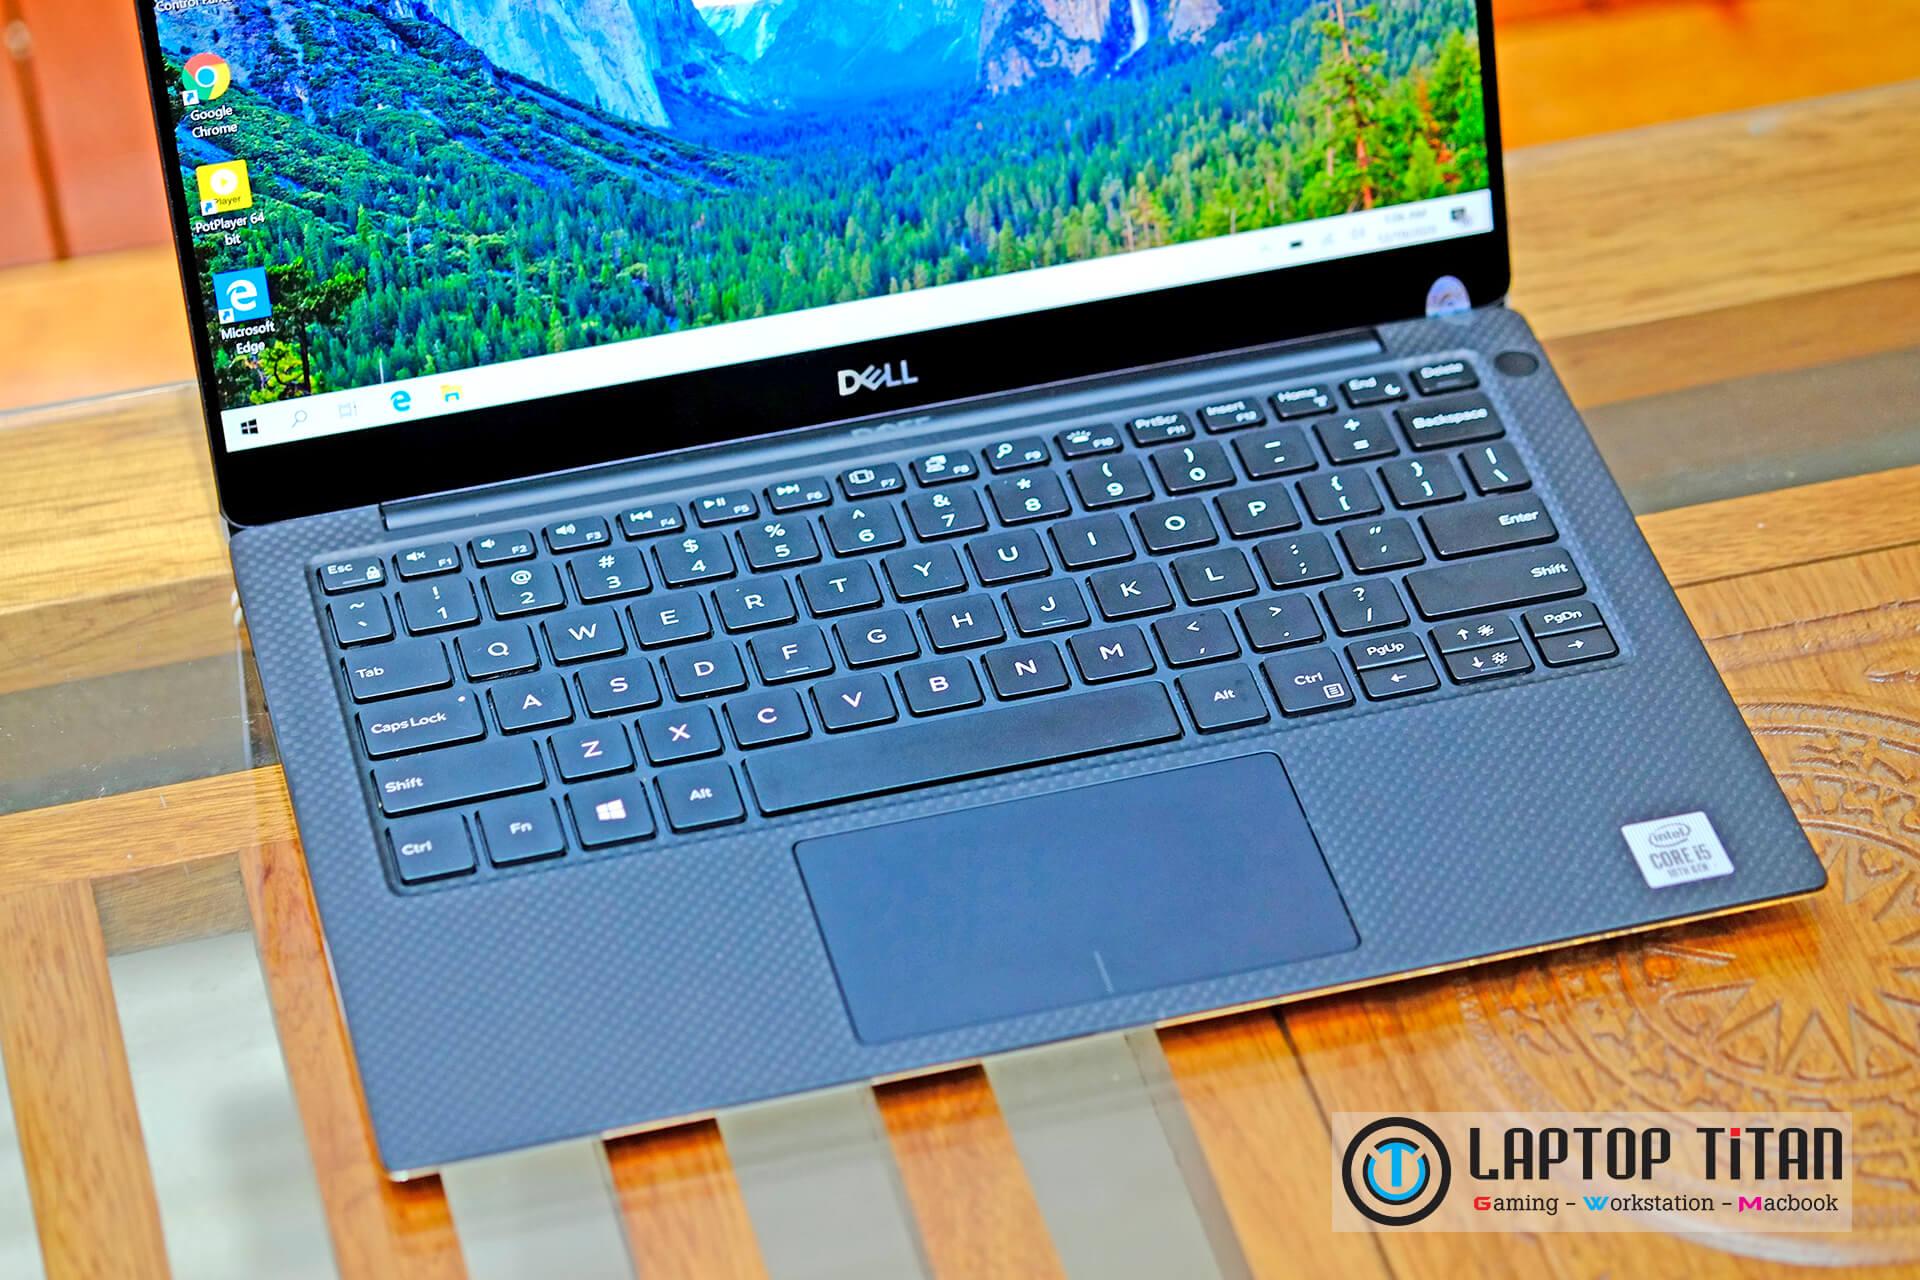 Dell Xps 13 7390 Laptoptitan 07